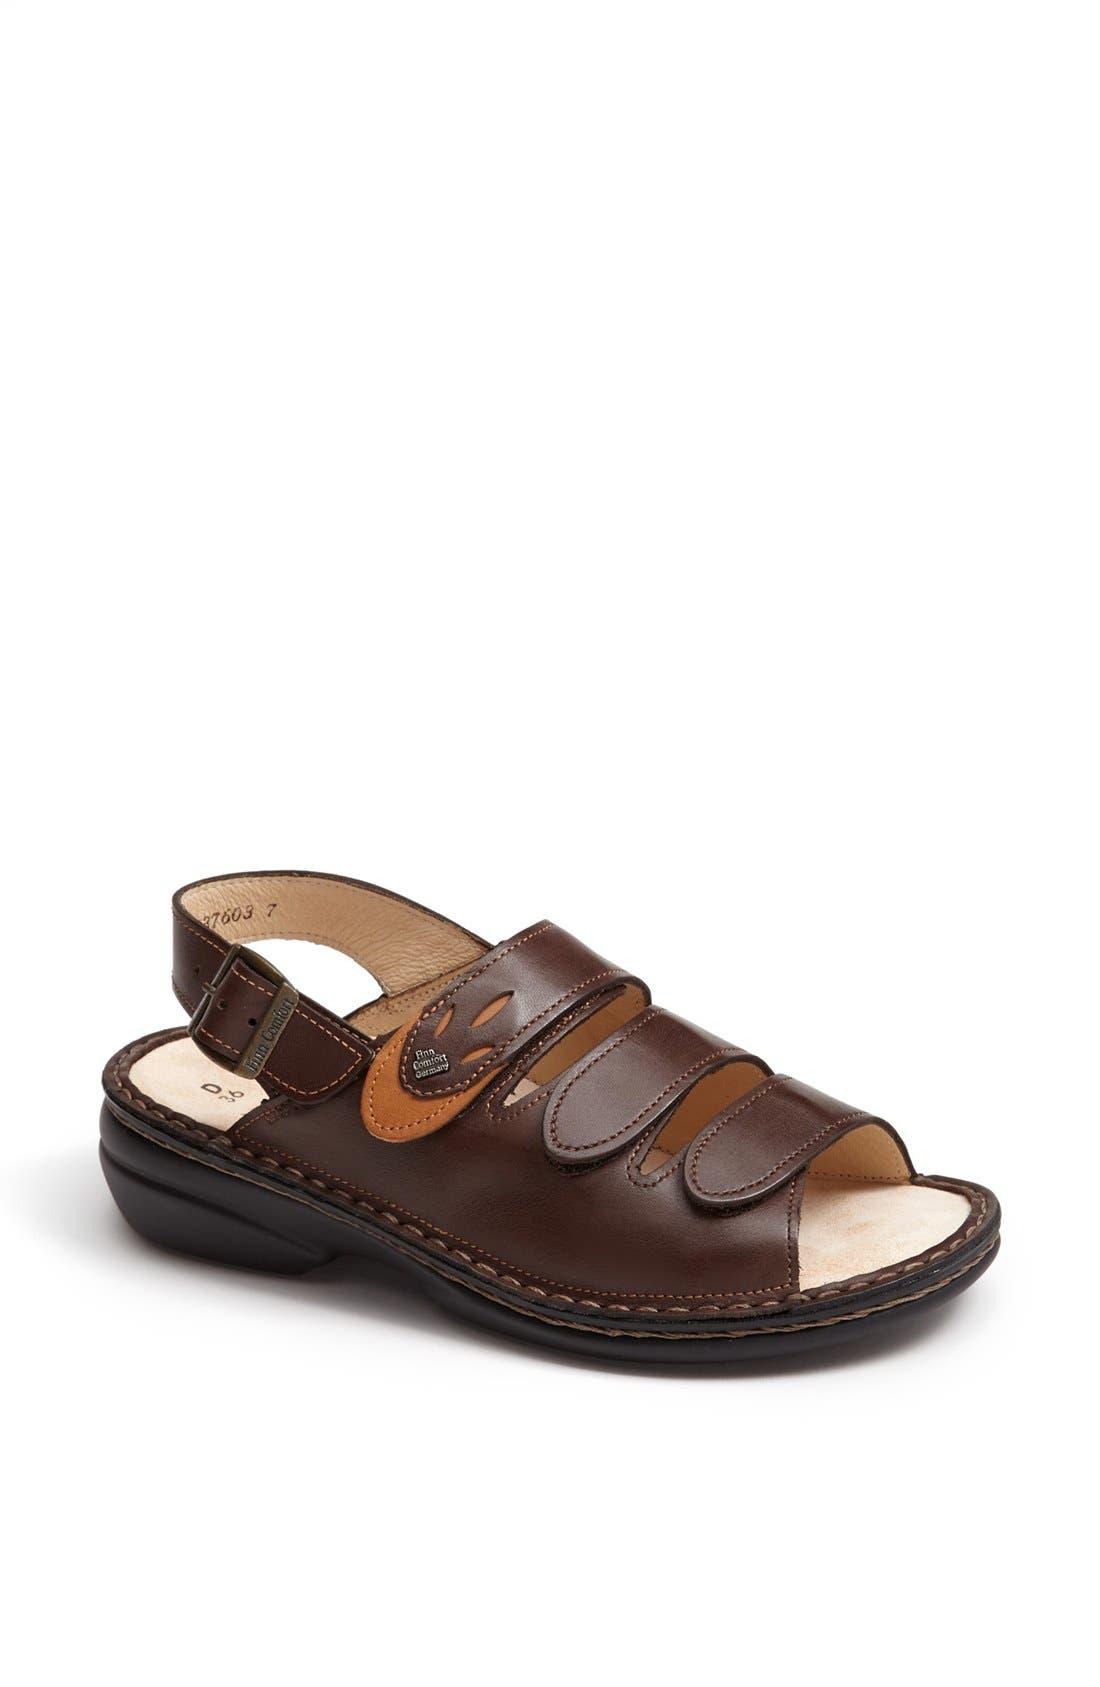 Alternate Image 1 Selected - Finn Comfort 'Saloniki' Sandal